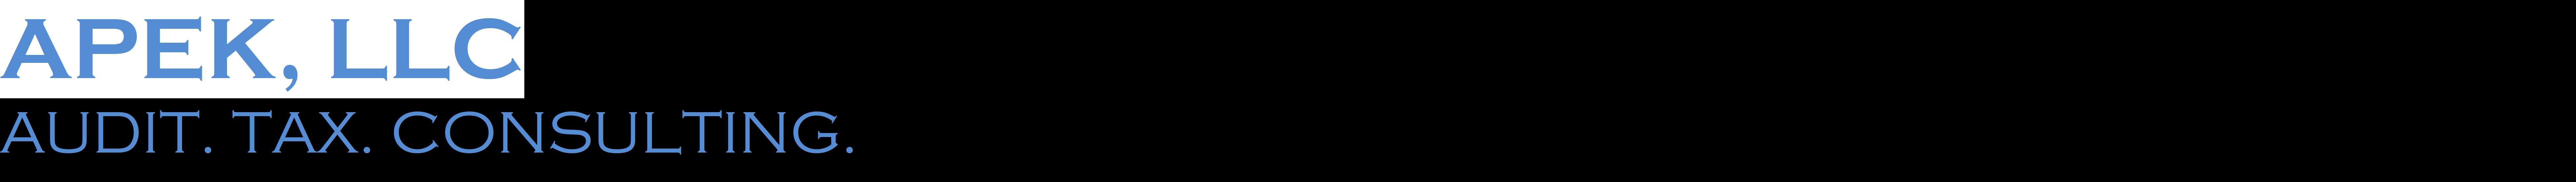 APEK, LLC